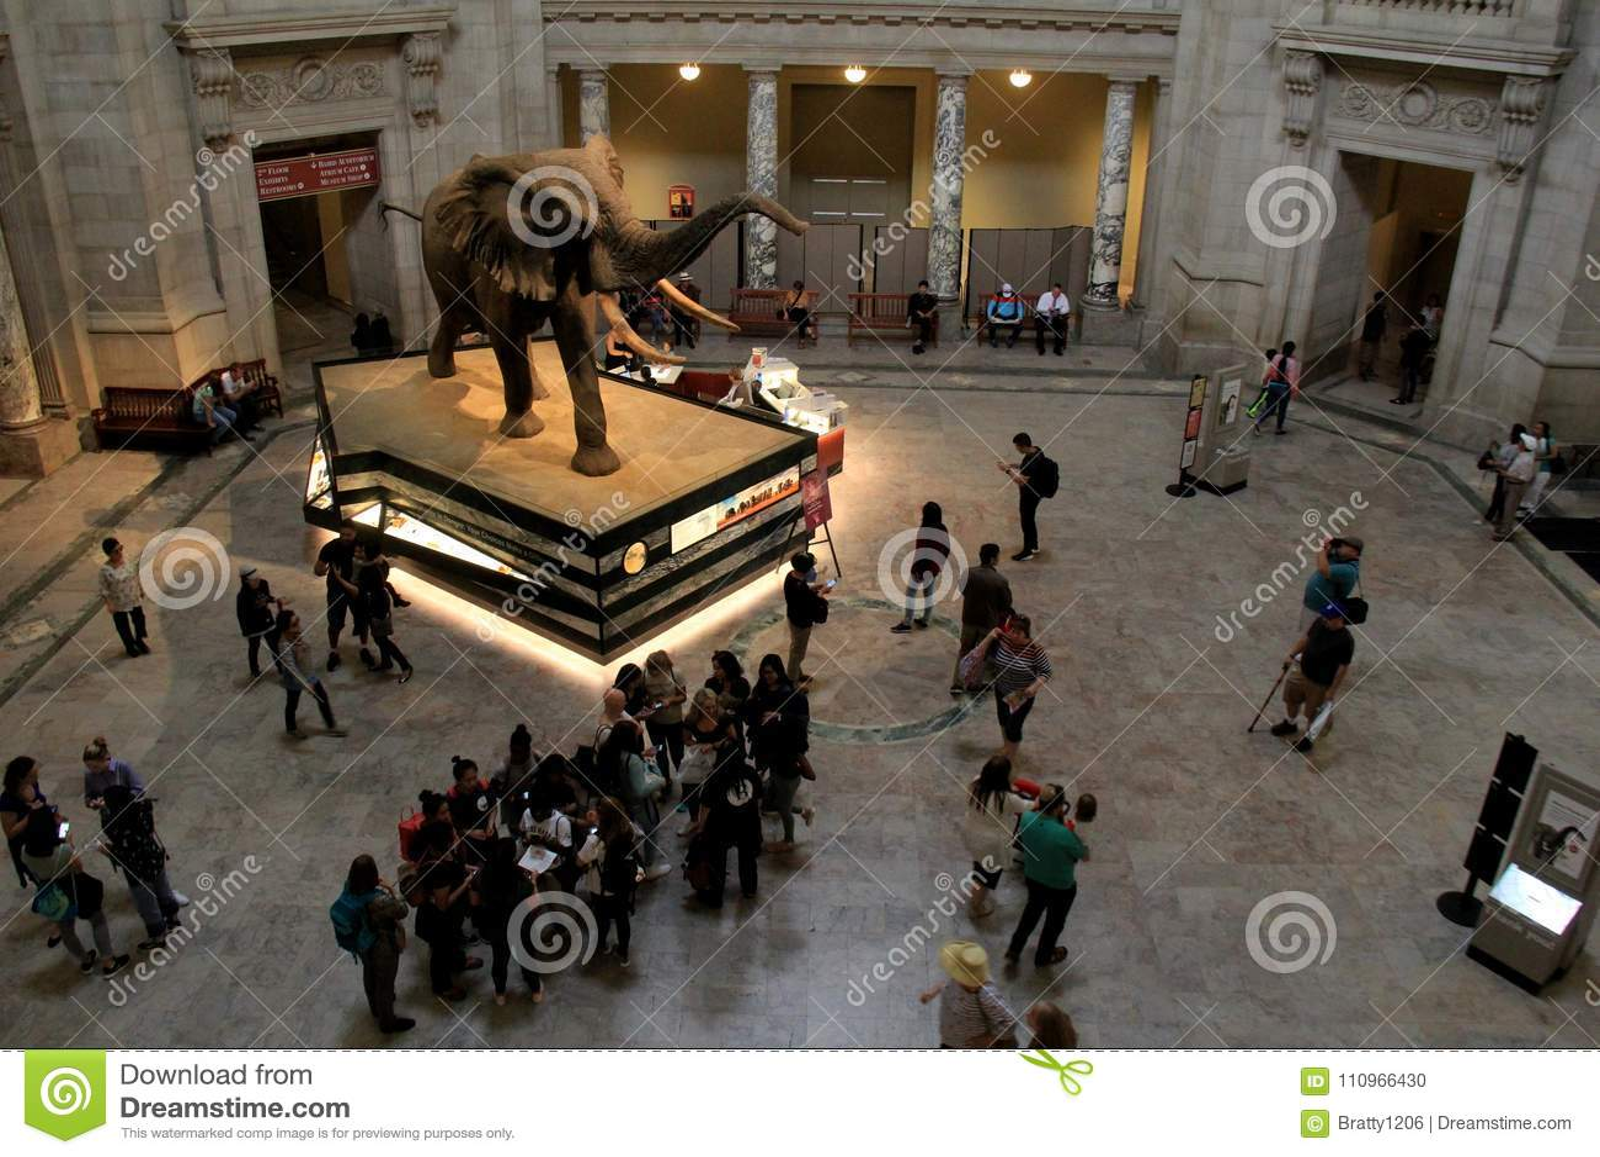 Elefante en el drenaje de la Rotonda mucha atención, Museo Nacional de Smithsonian de la historia natural, DC, 2017